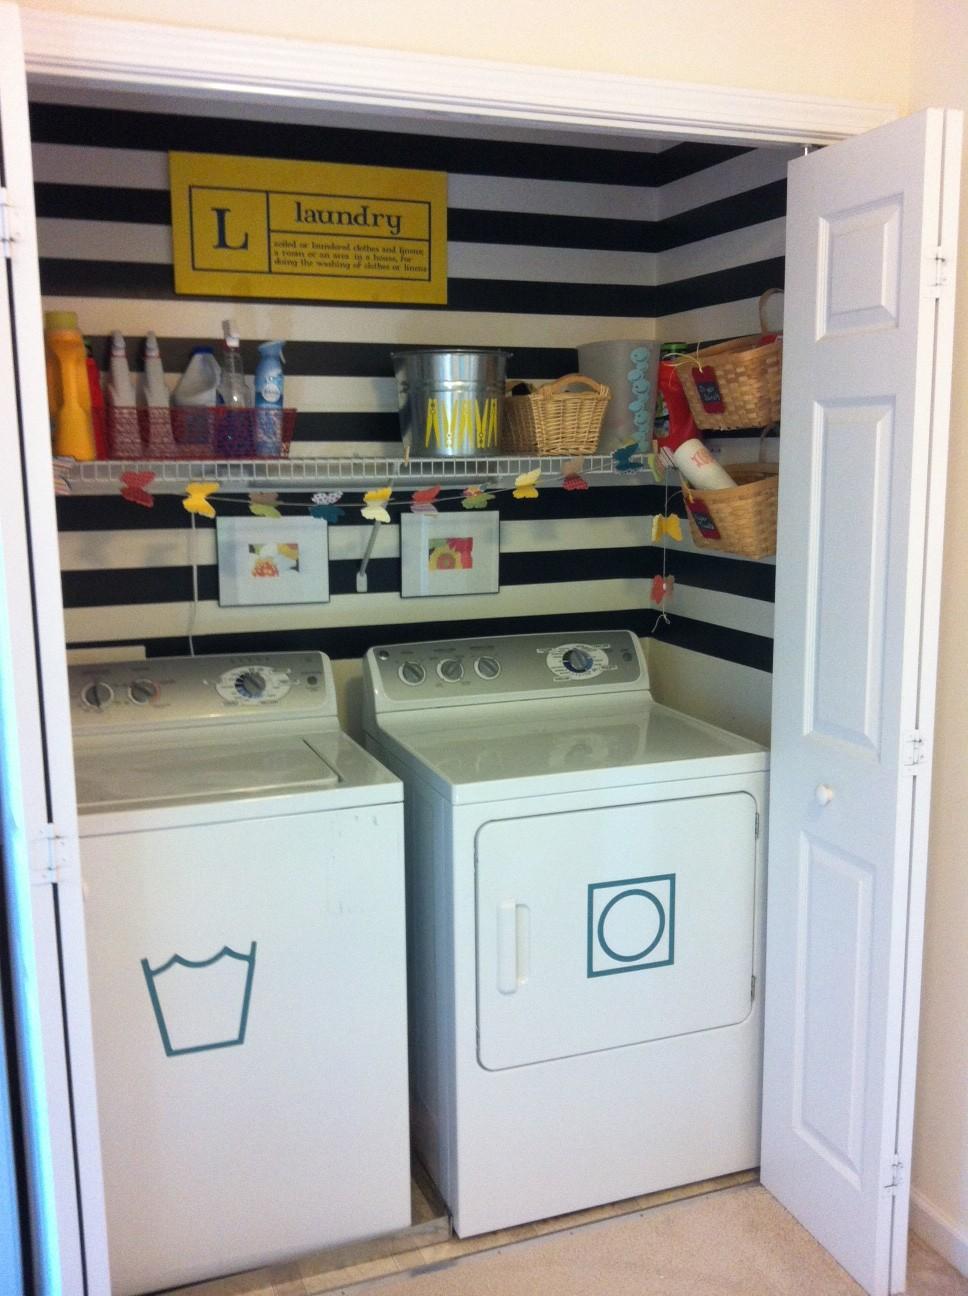 Quedamos en la lavander a tr s studio blog de for Cuartos lavaderos